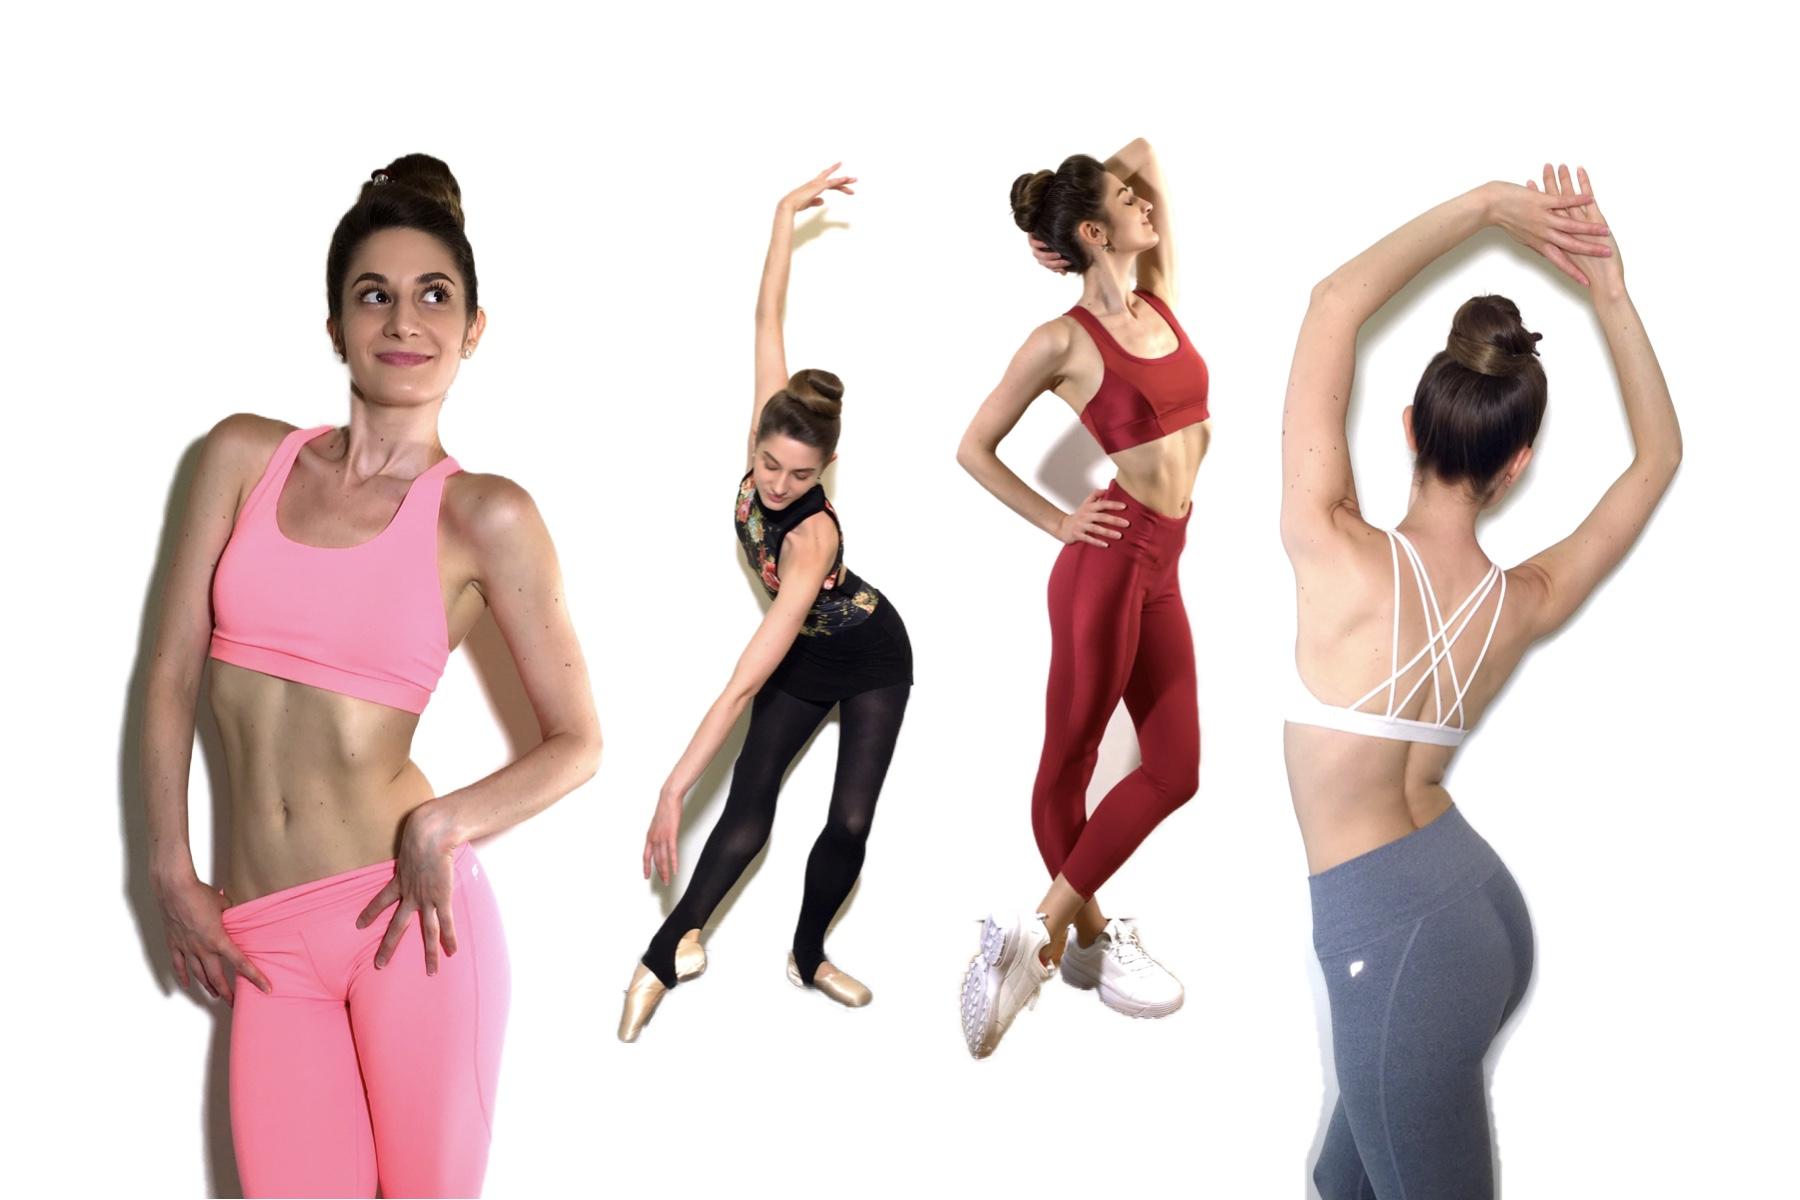 pierdere în greutate sănătoasă